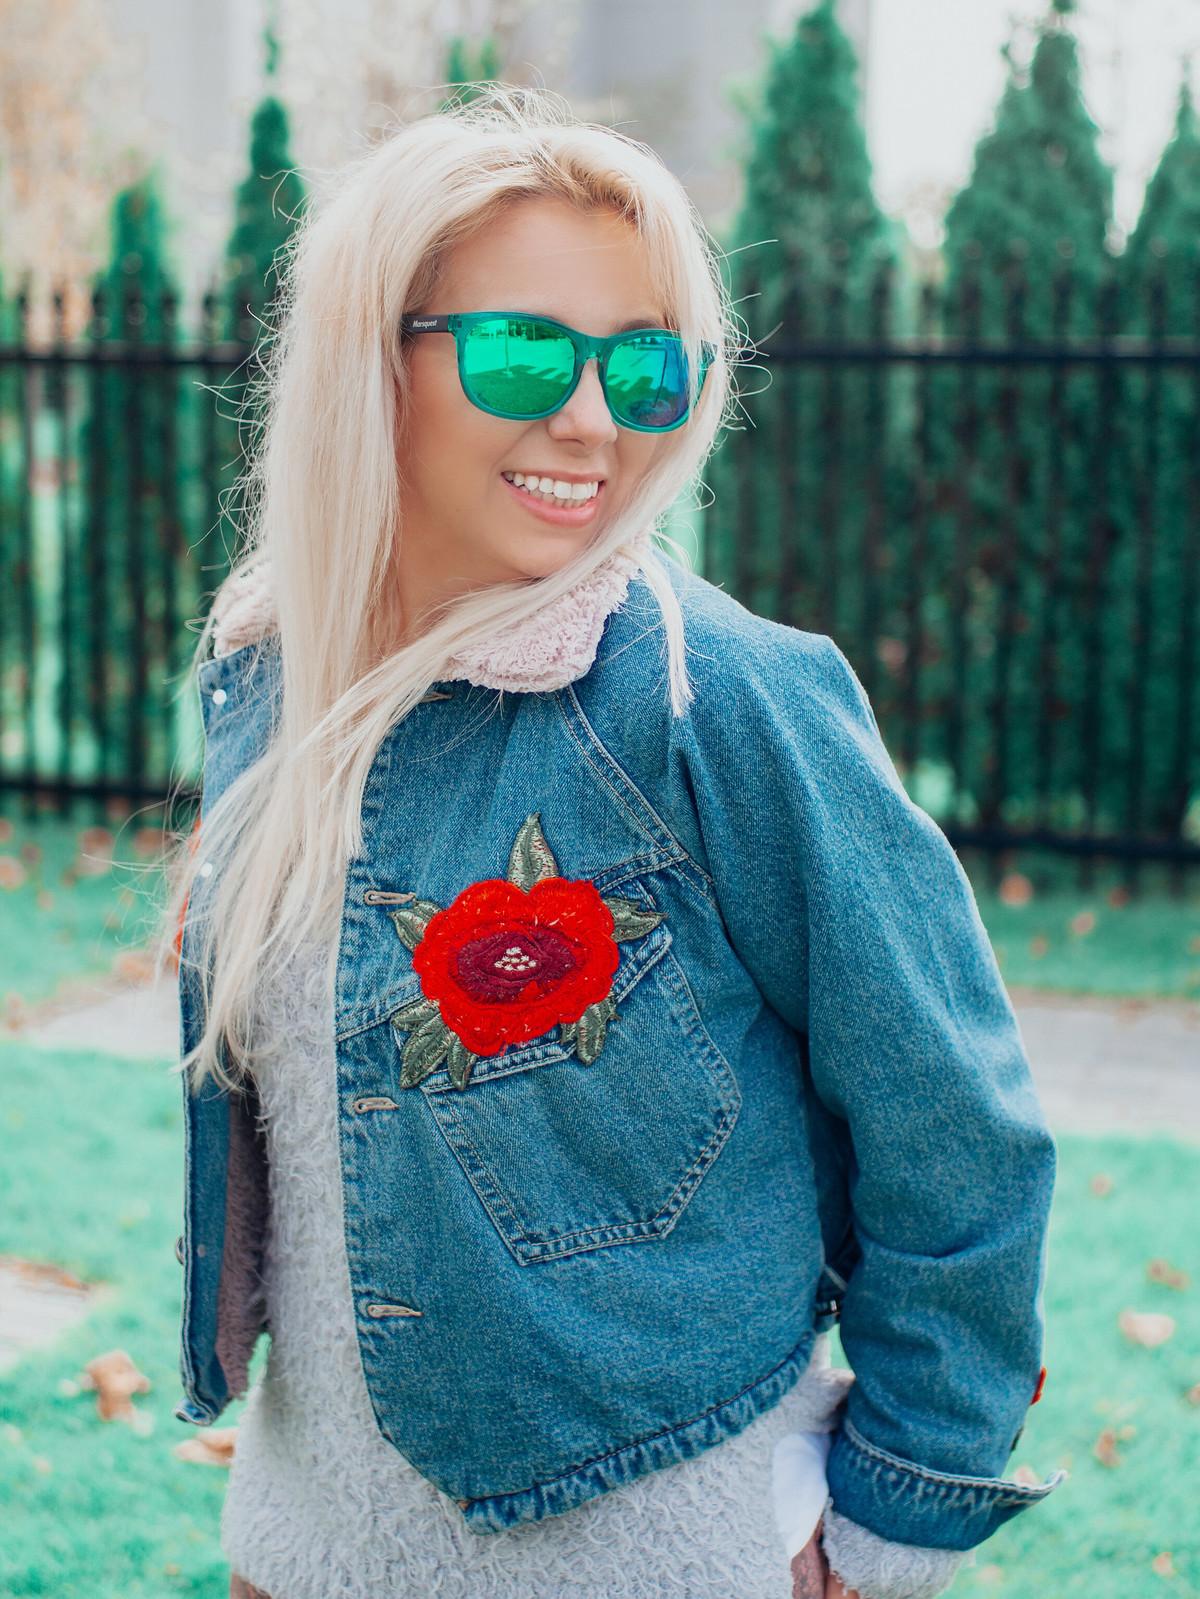 Toronto Lifetsyle Blogger